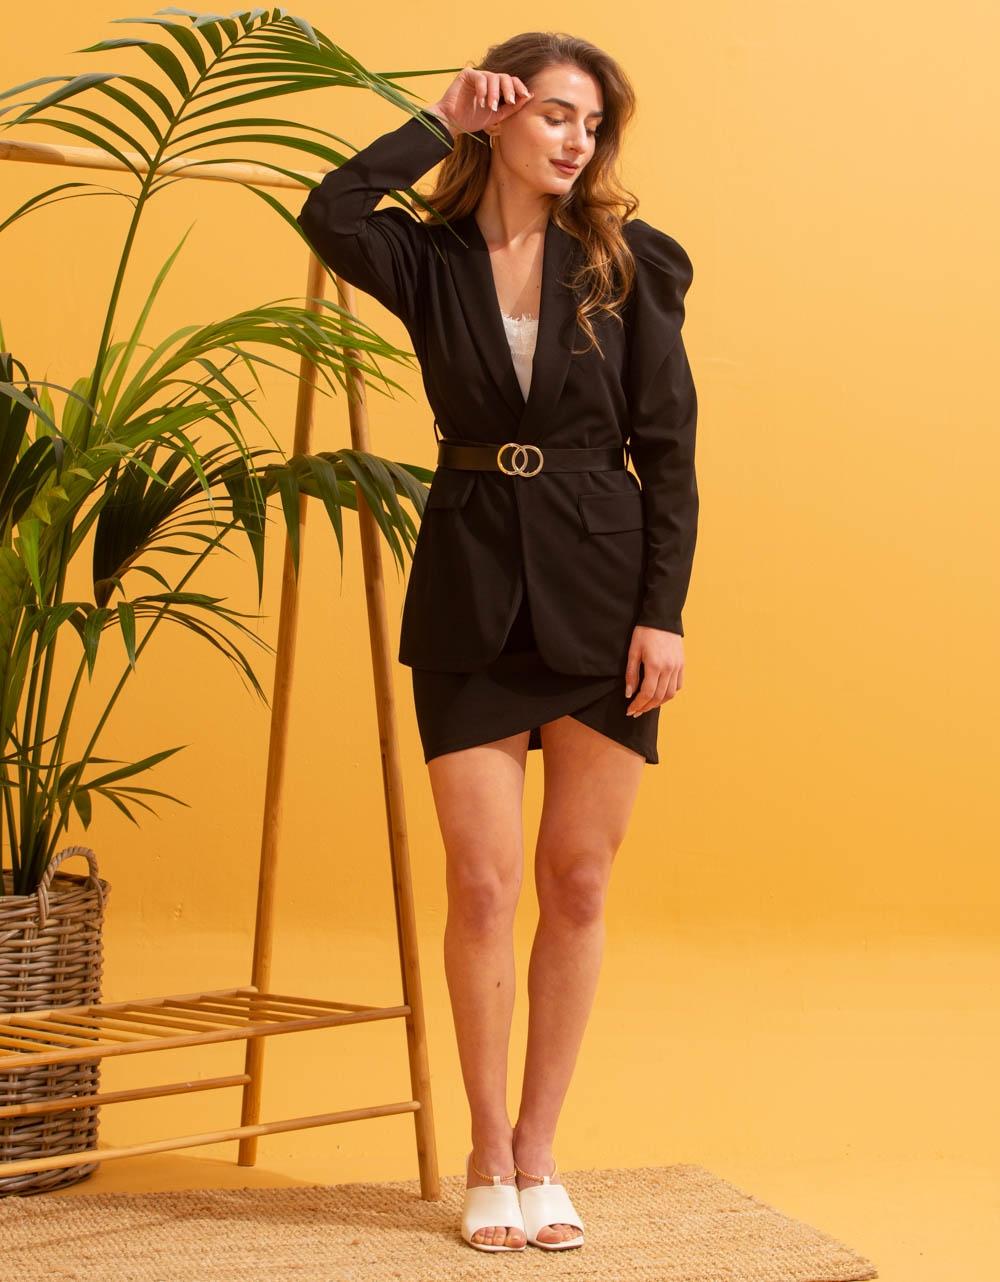 Εικόνα από Γυναικεία σετ ρούχων φούστα & σακάκι Μαύρο